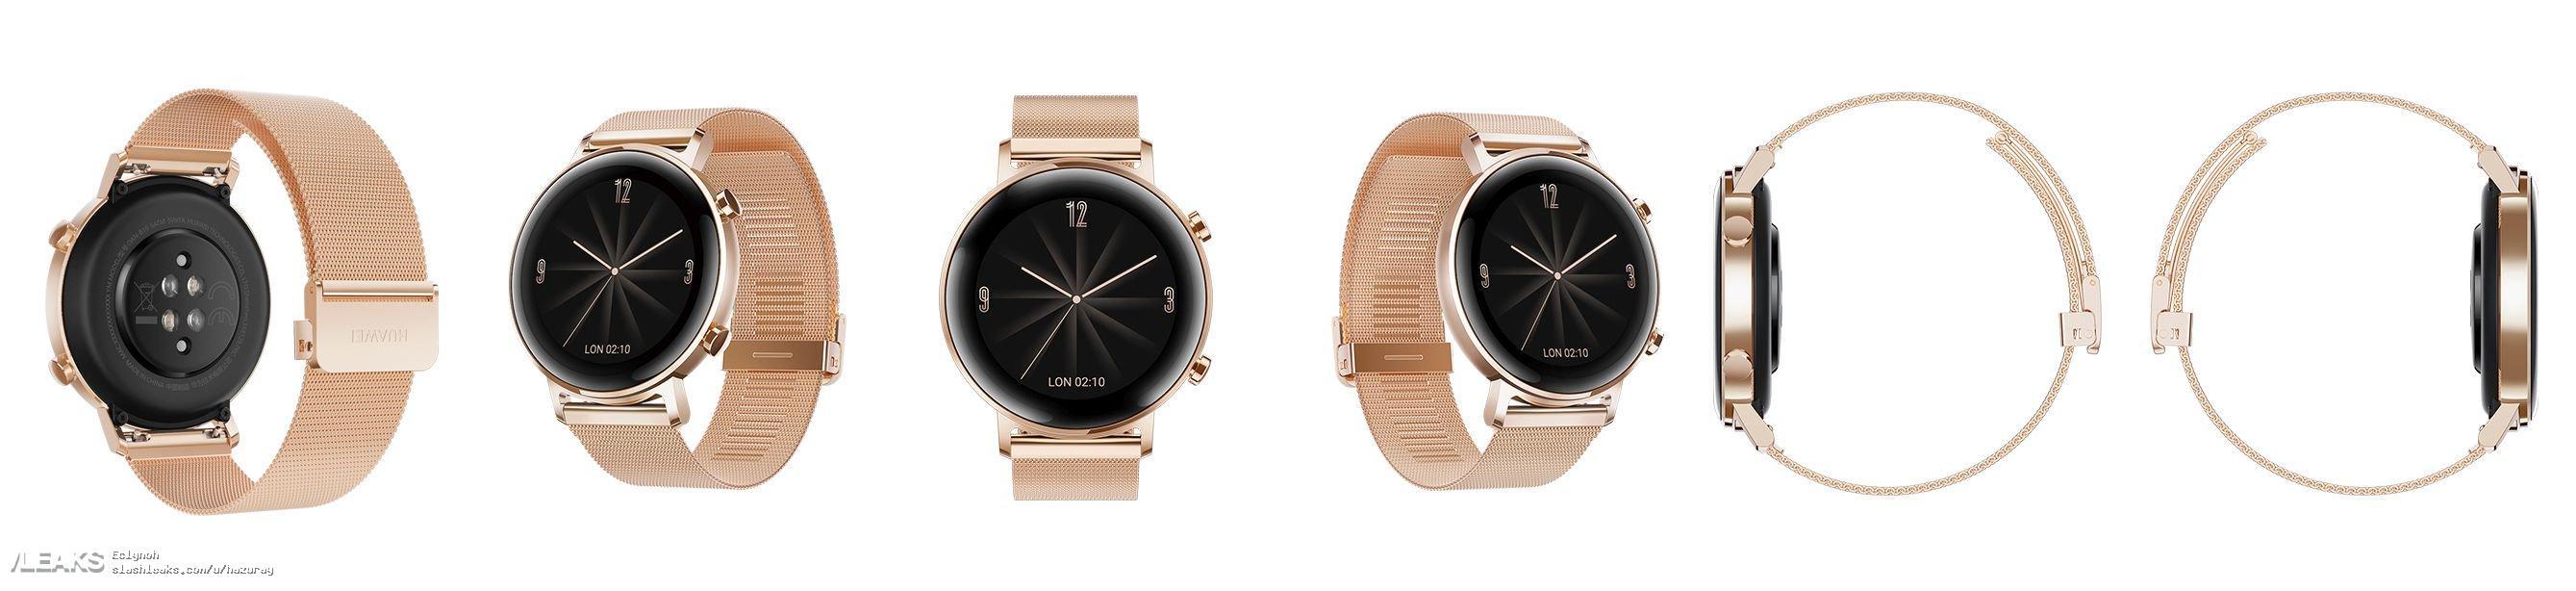 img Huawei Watch GT 2 Official Renders